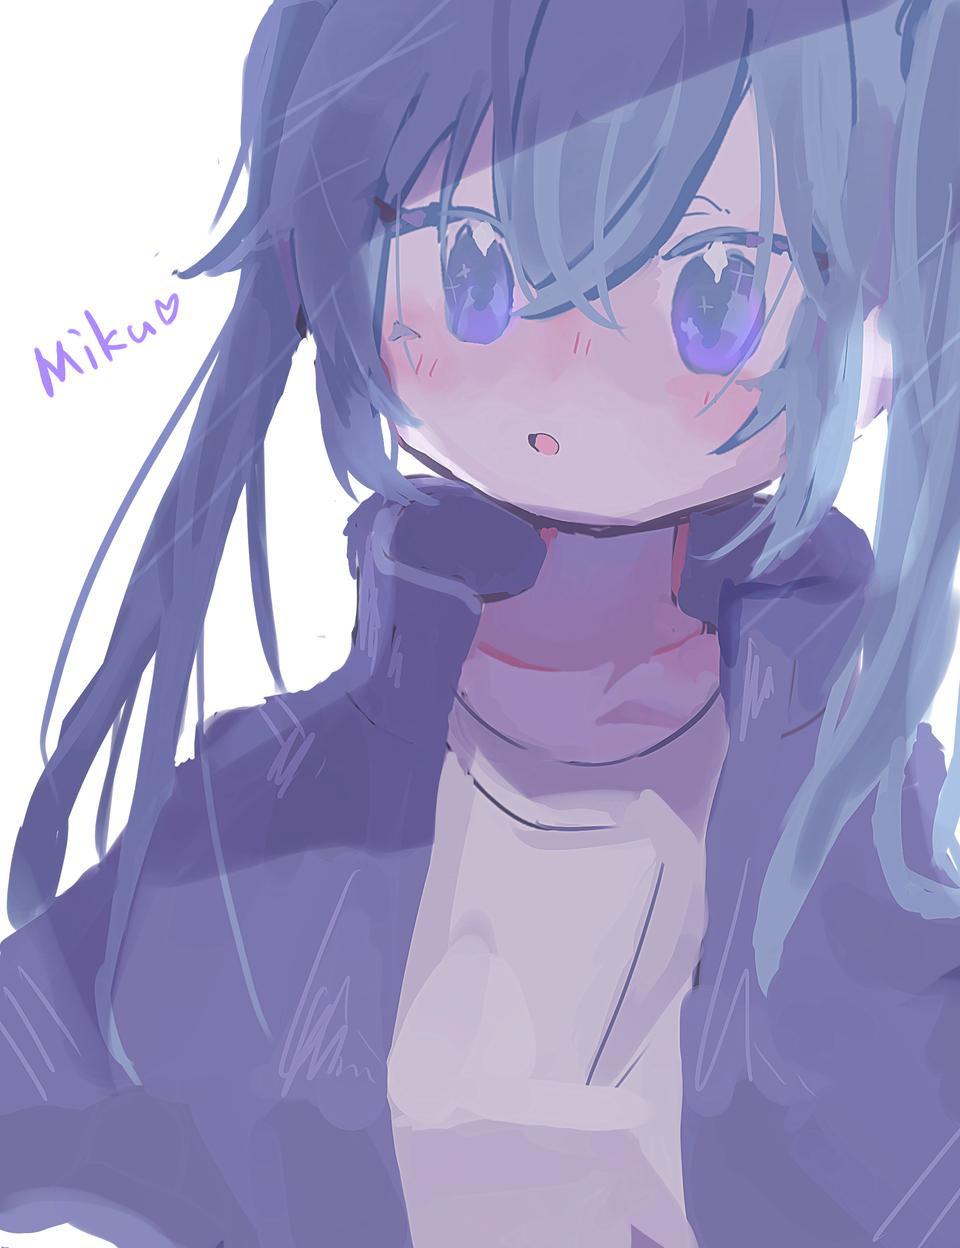 ミクちゃん Illust of くまた hatsunemiku VOCALOID